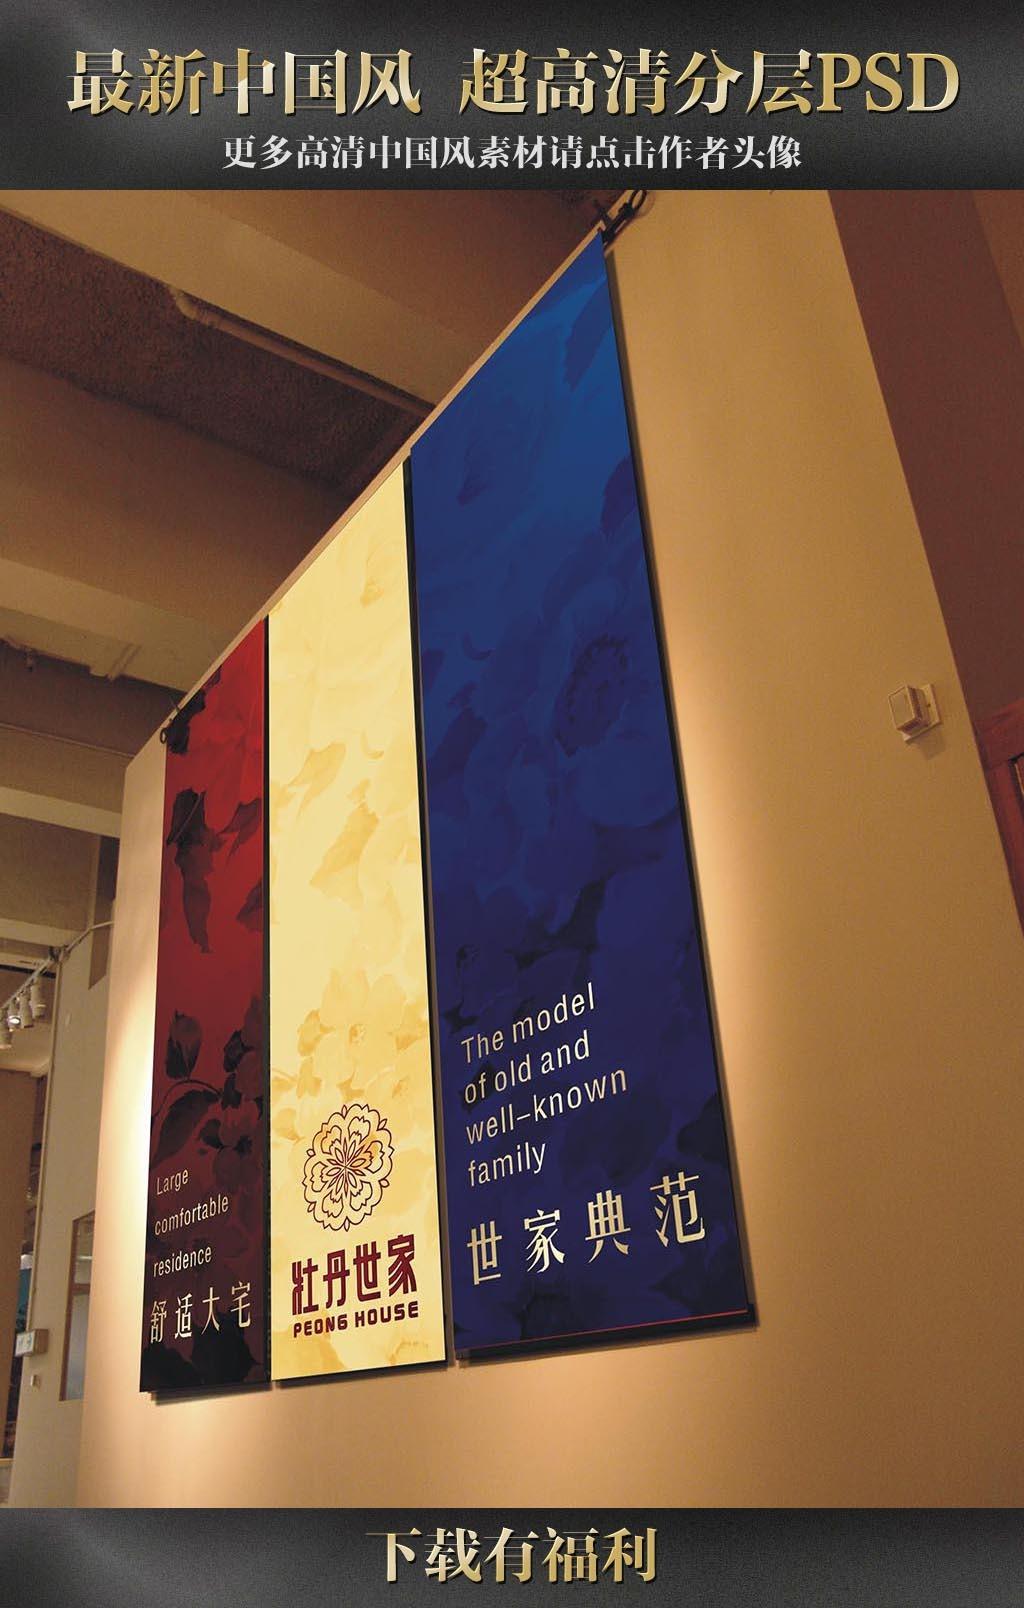 房地产中国风企业文化宣传展板海报背景条幅模板下载